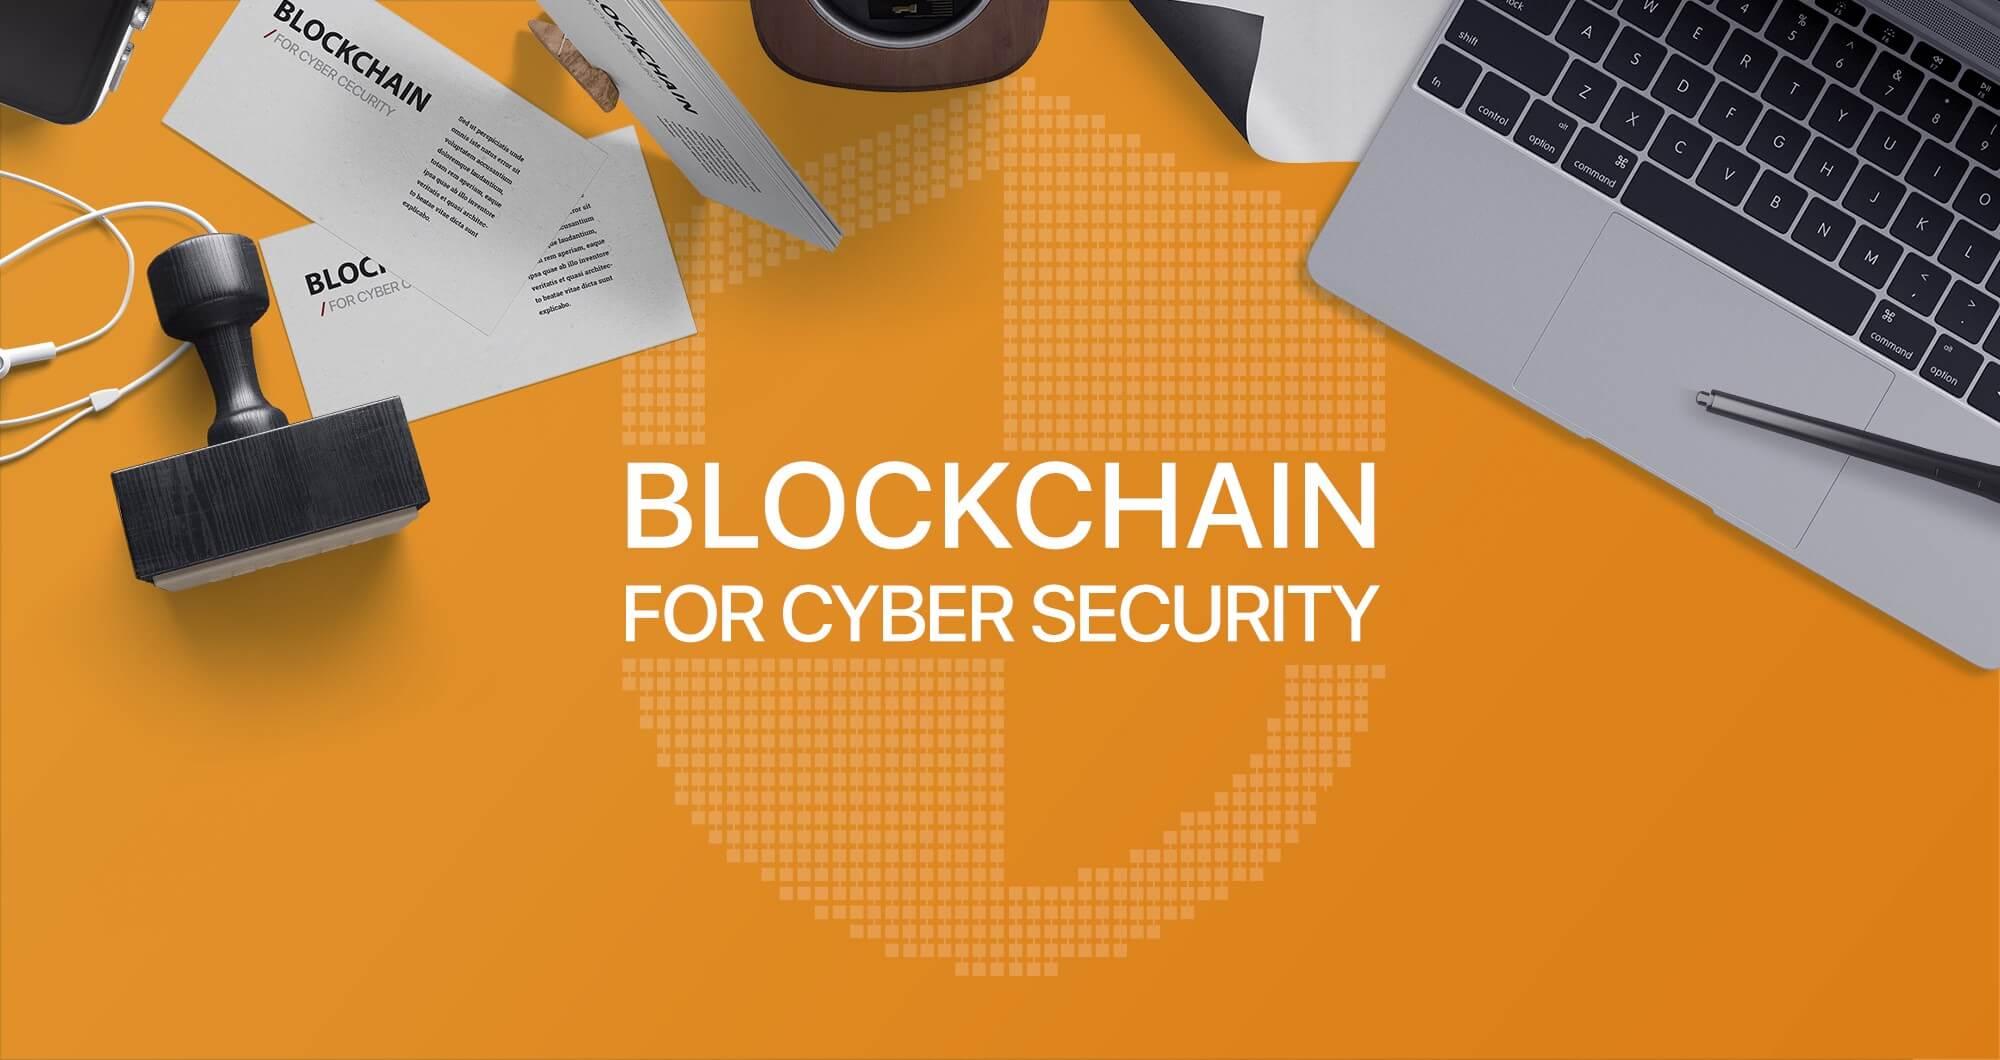 اللامركزية و تقنية البلوكشين و مستقبل الأمن السيبراني الخاص بك